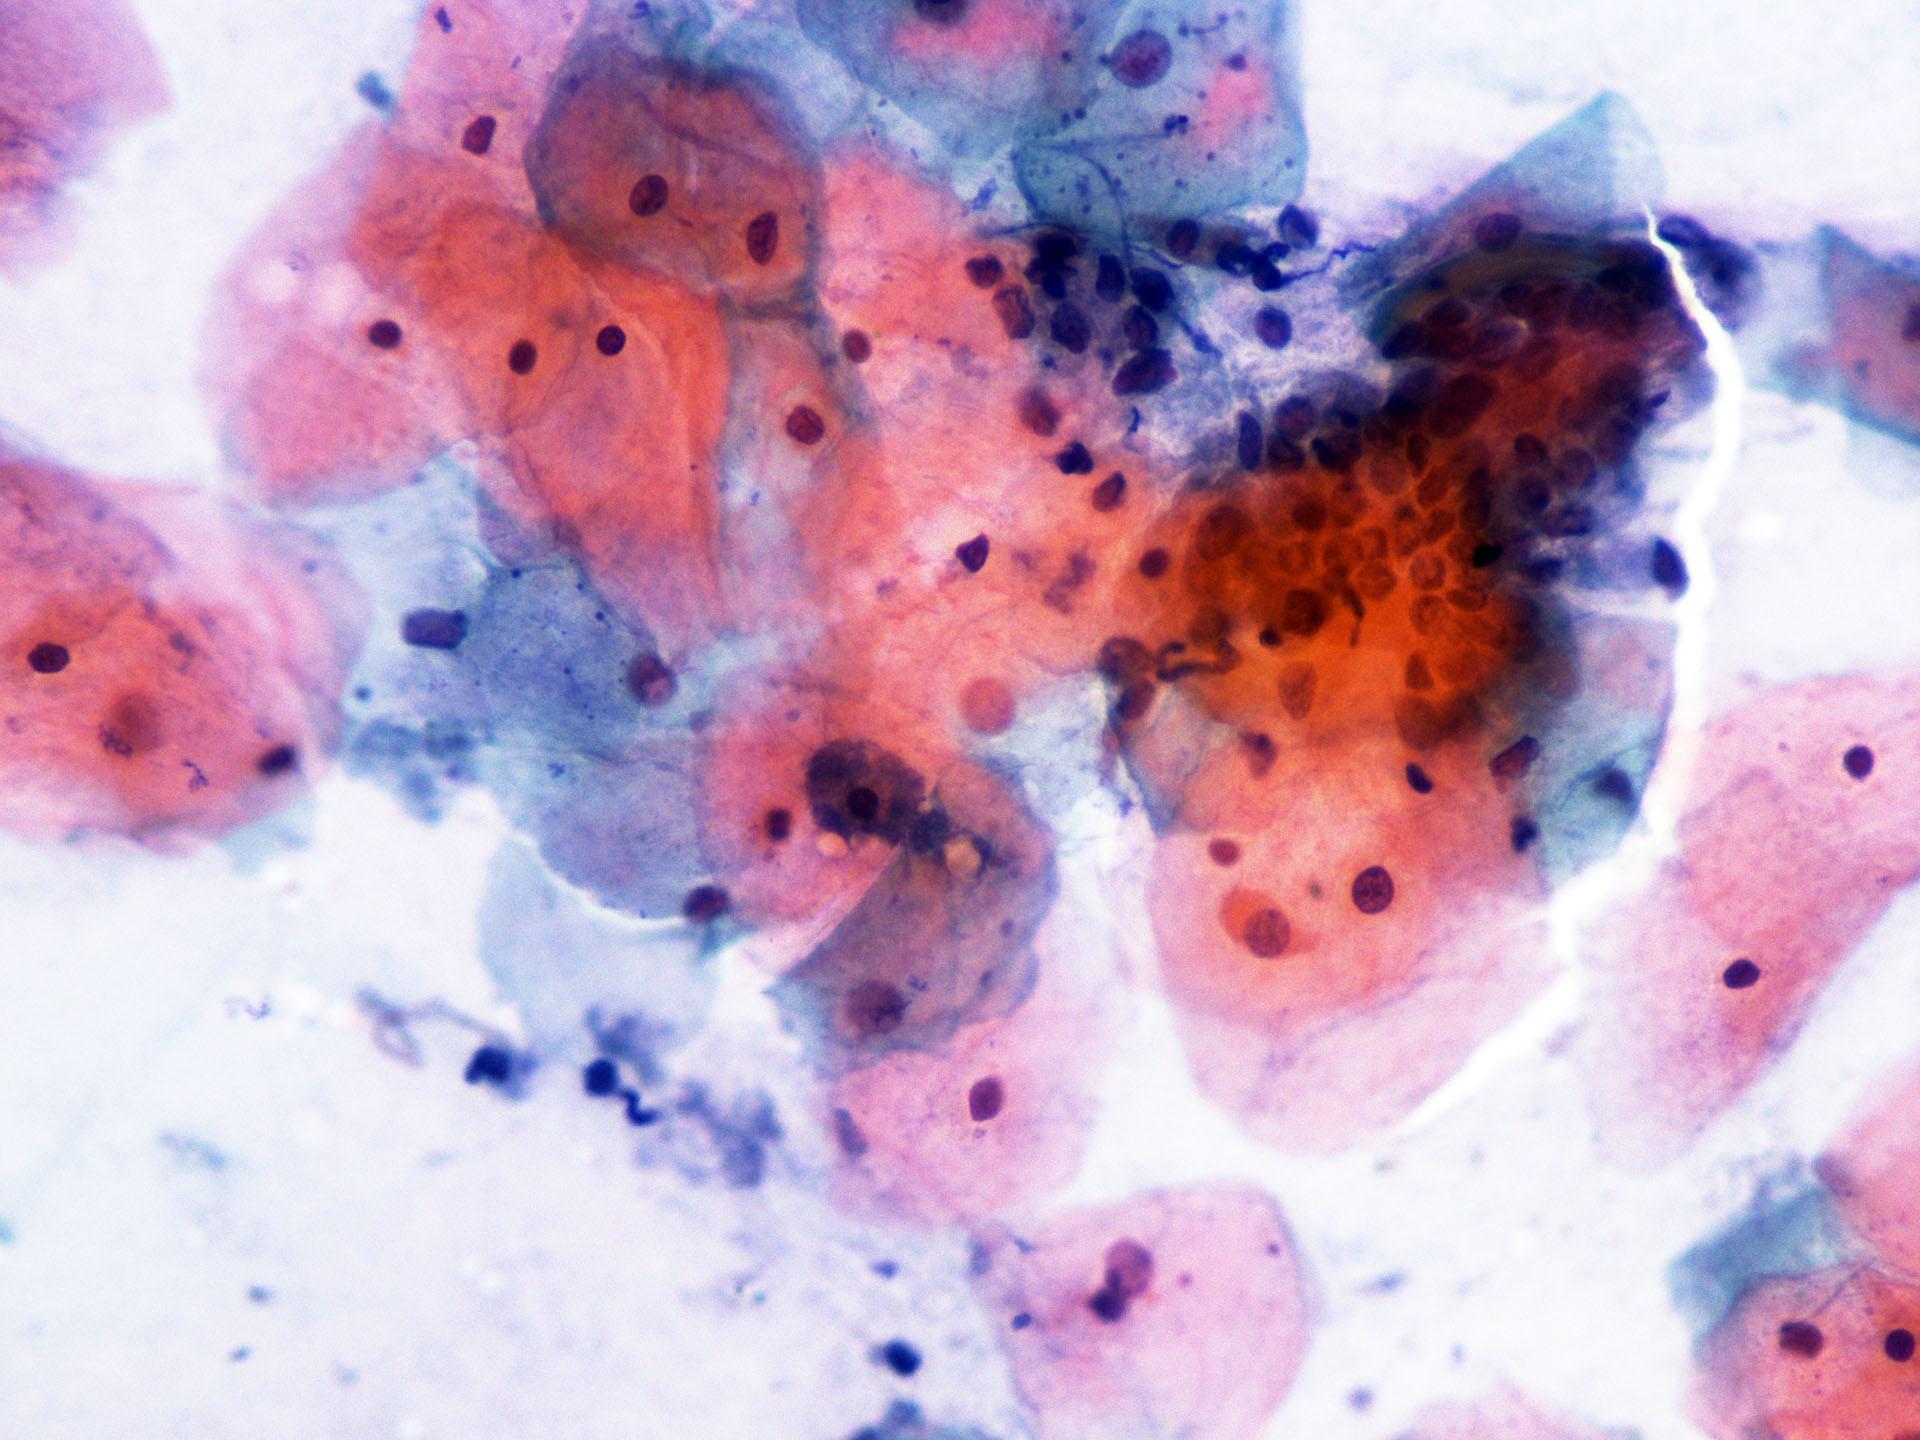 Κύτταρα κάτω από συμβατικό μικροσκόπιο